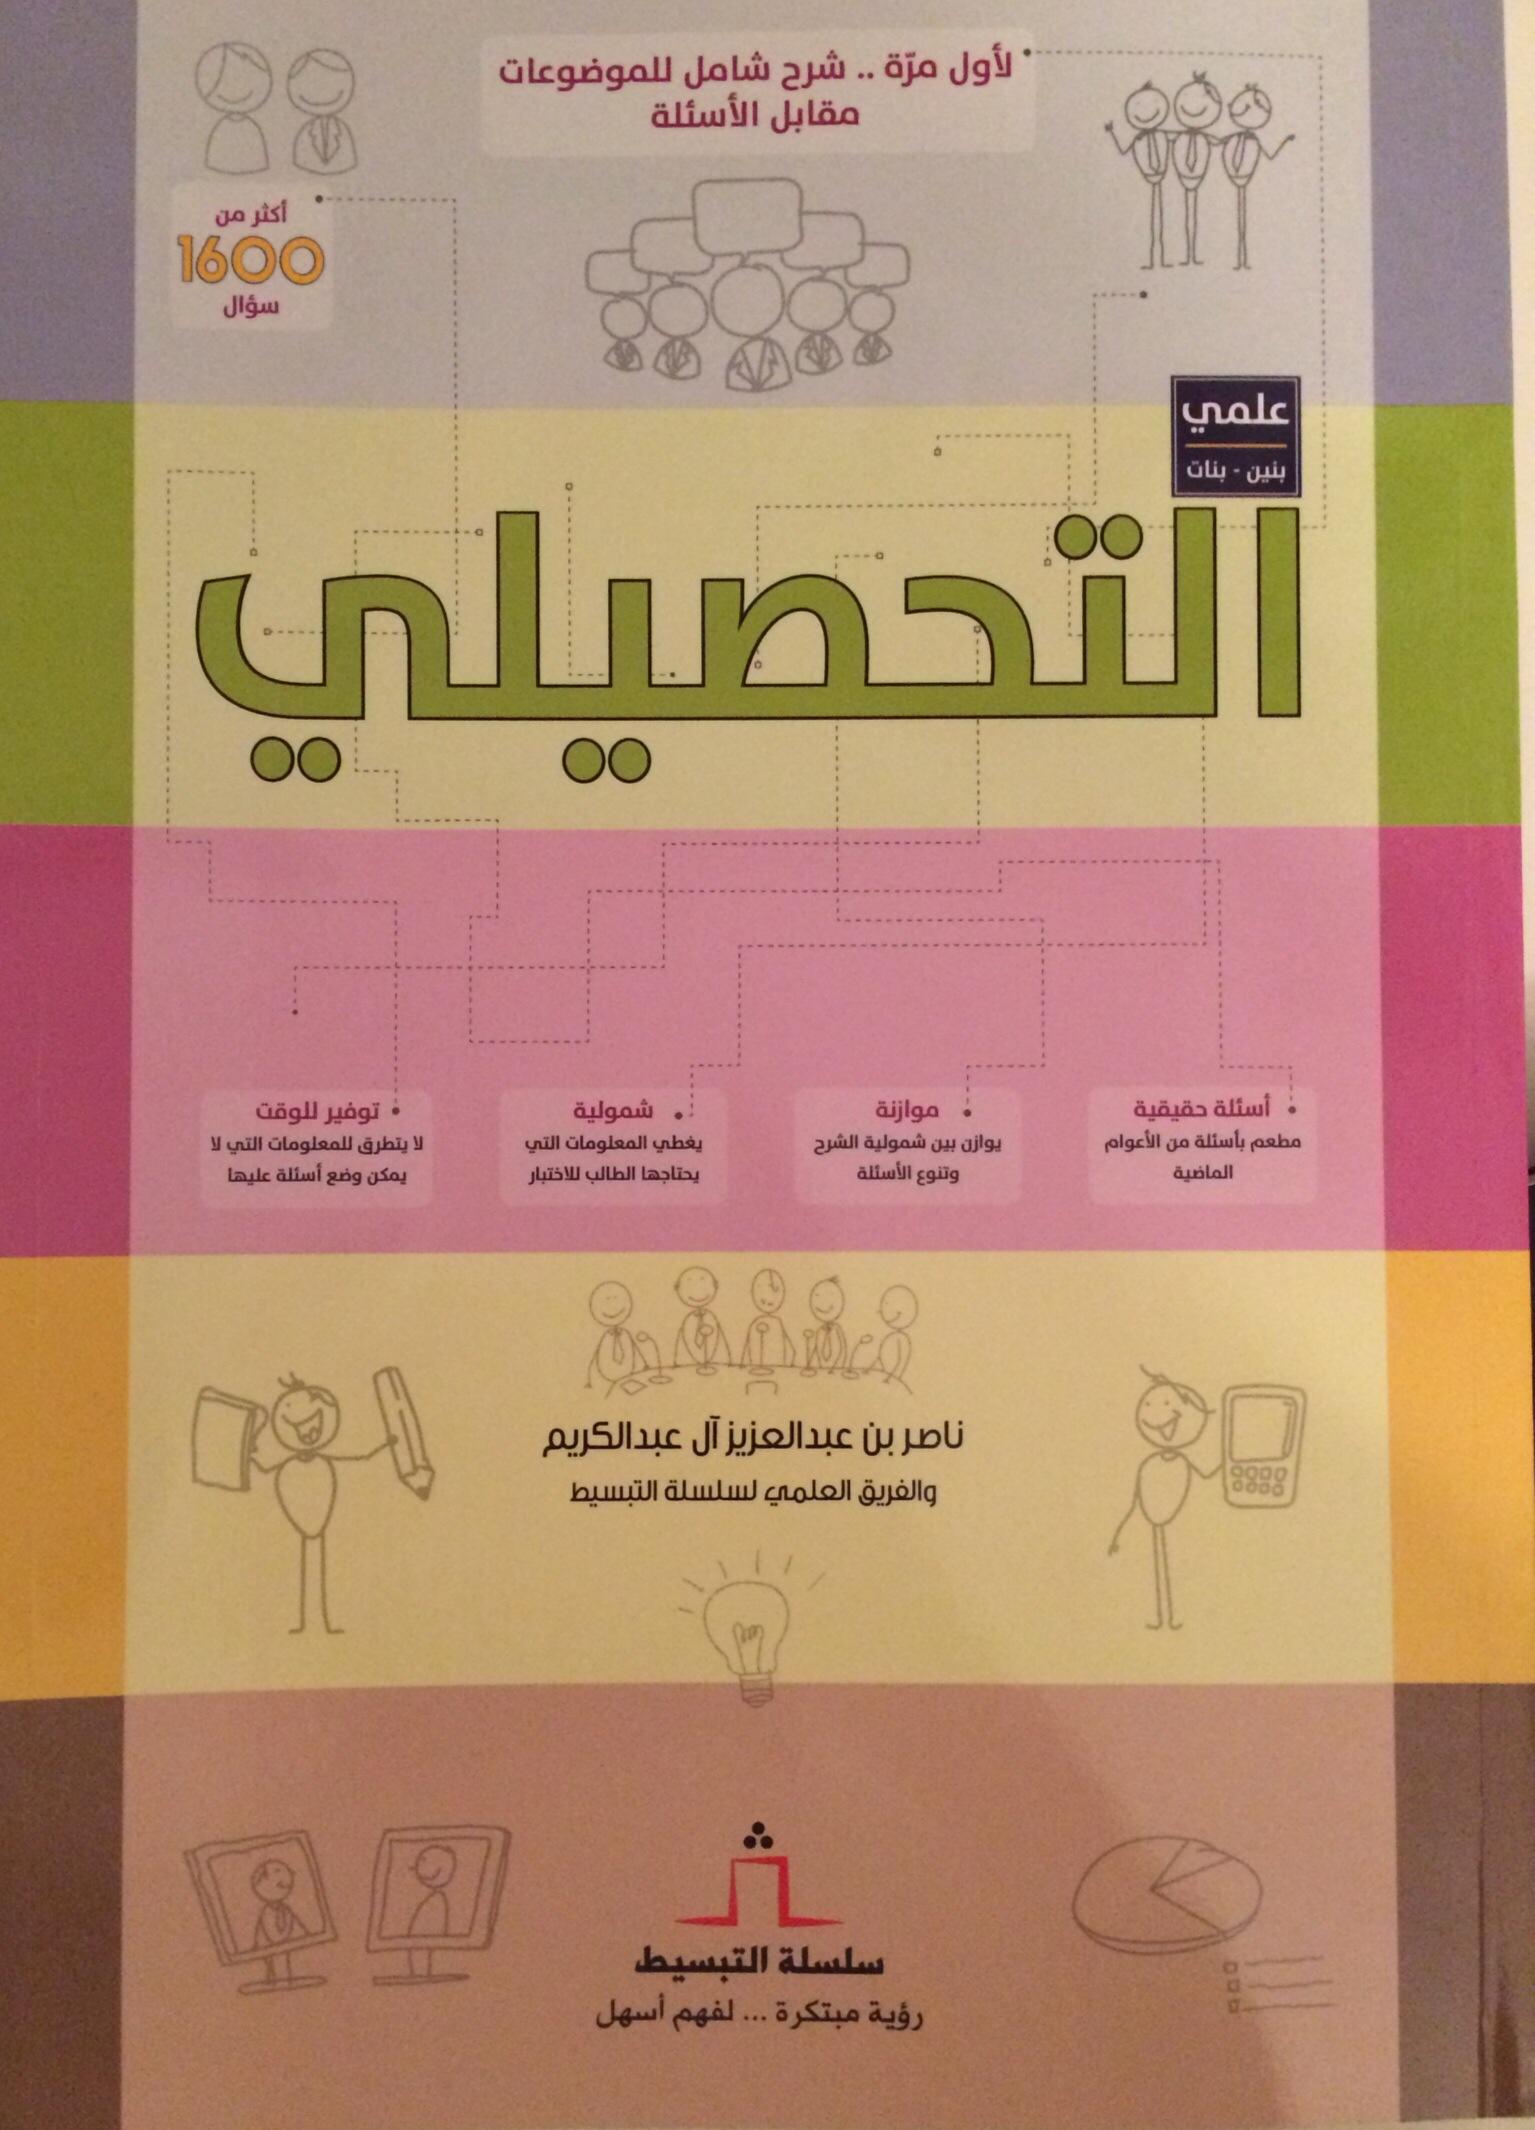 كتاب التحصيلي ناصر العبدالكريم